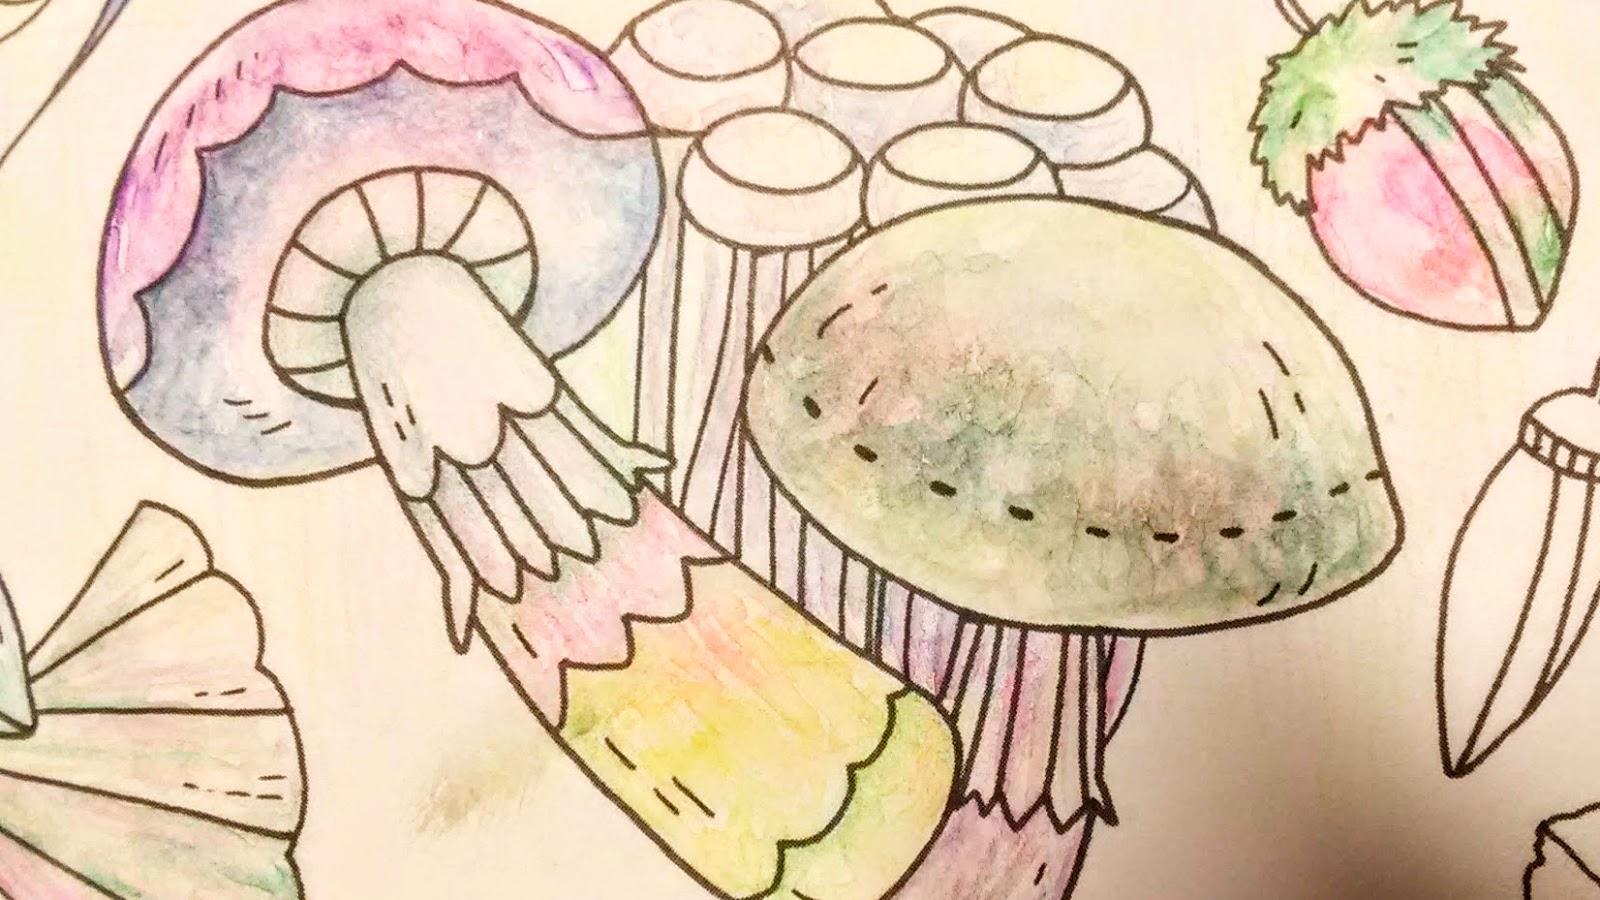 画像4「キノコ」